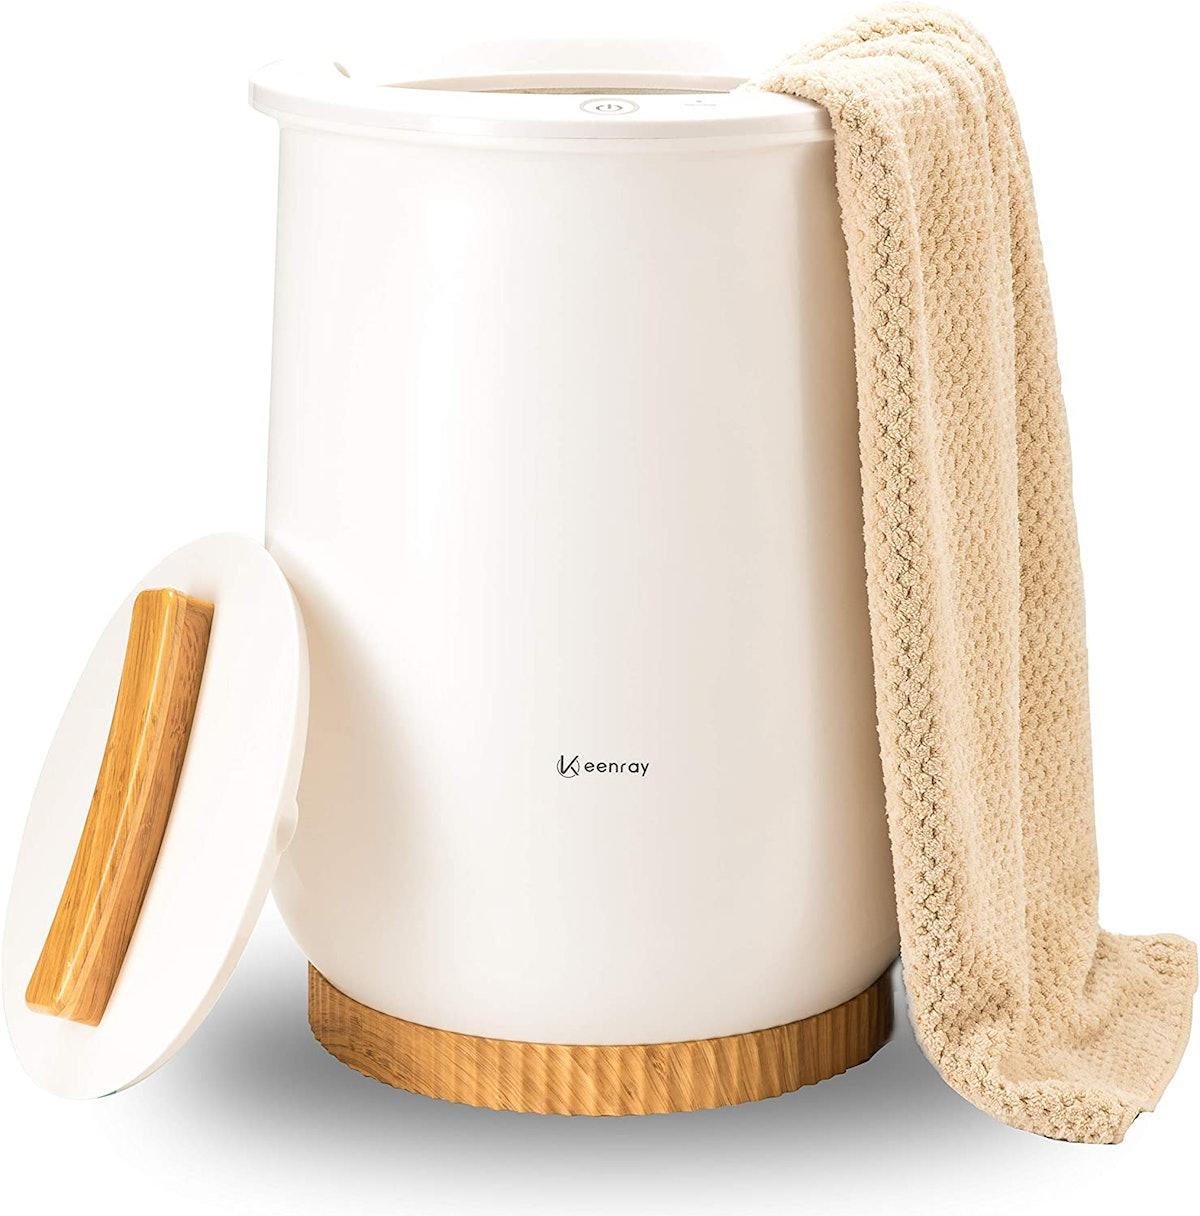 Keenray Bucket Style Towel Warmer